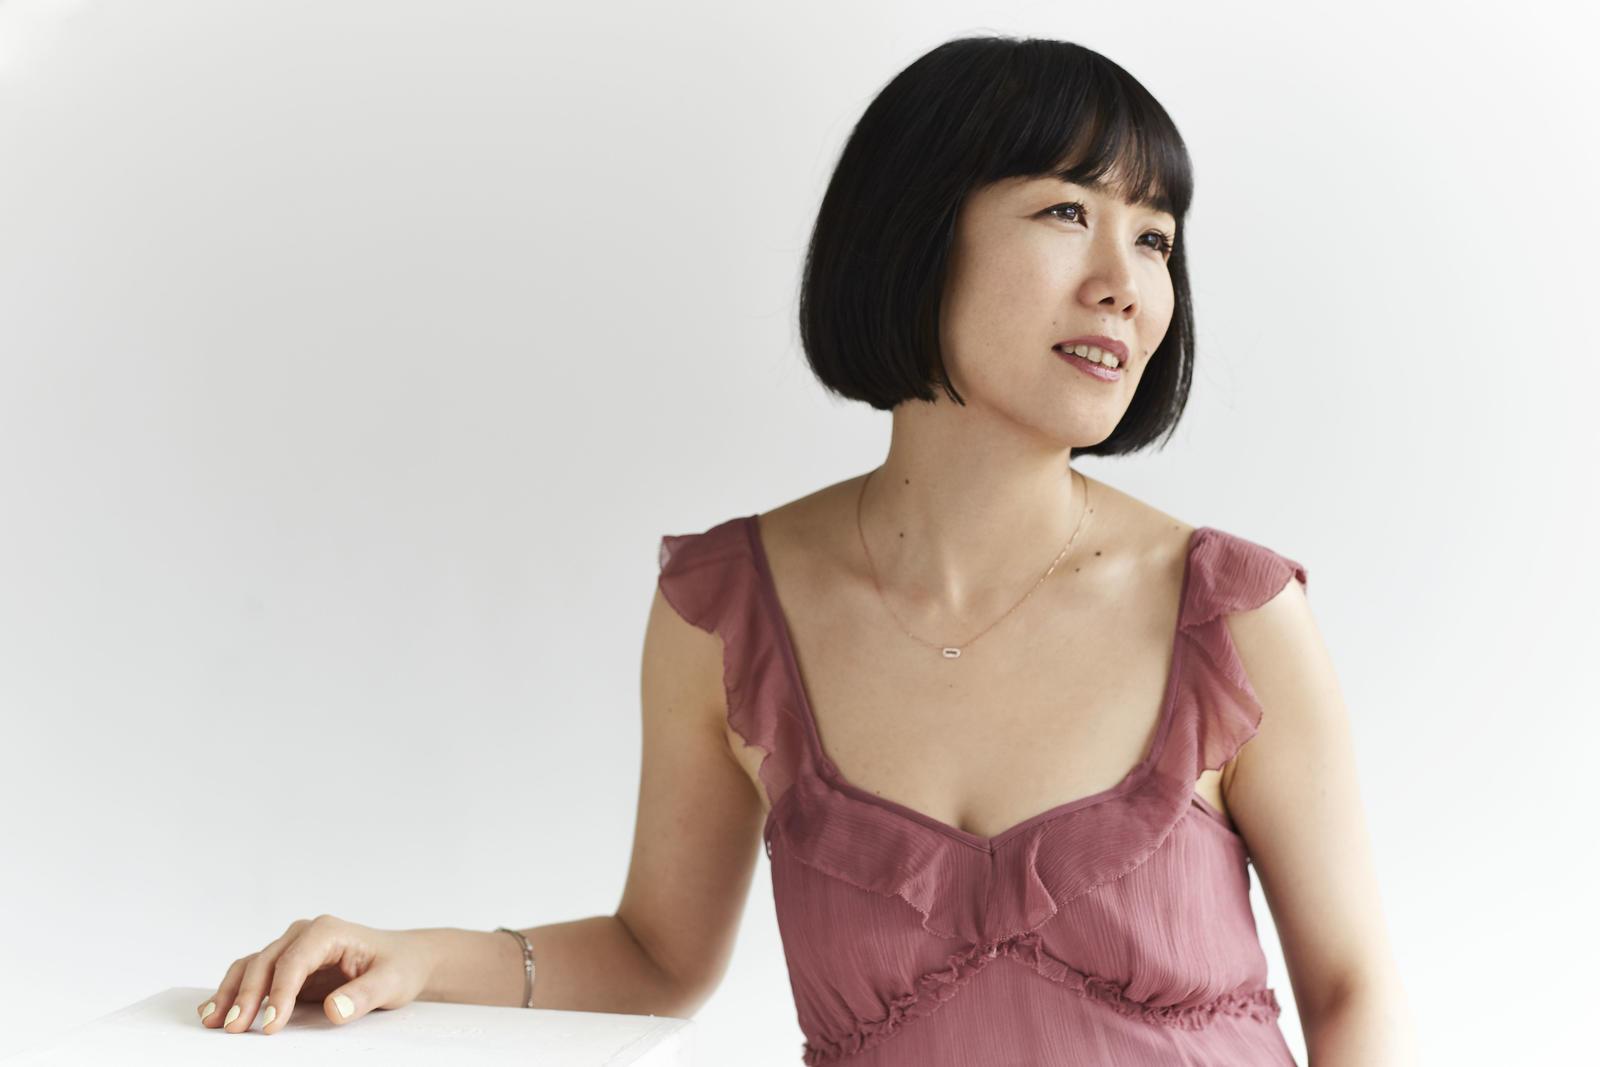 Migiwa Miyajima